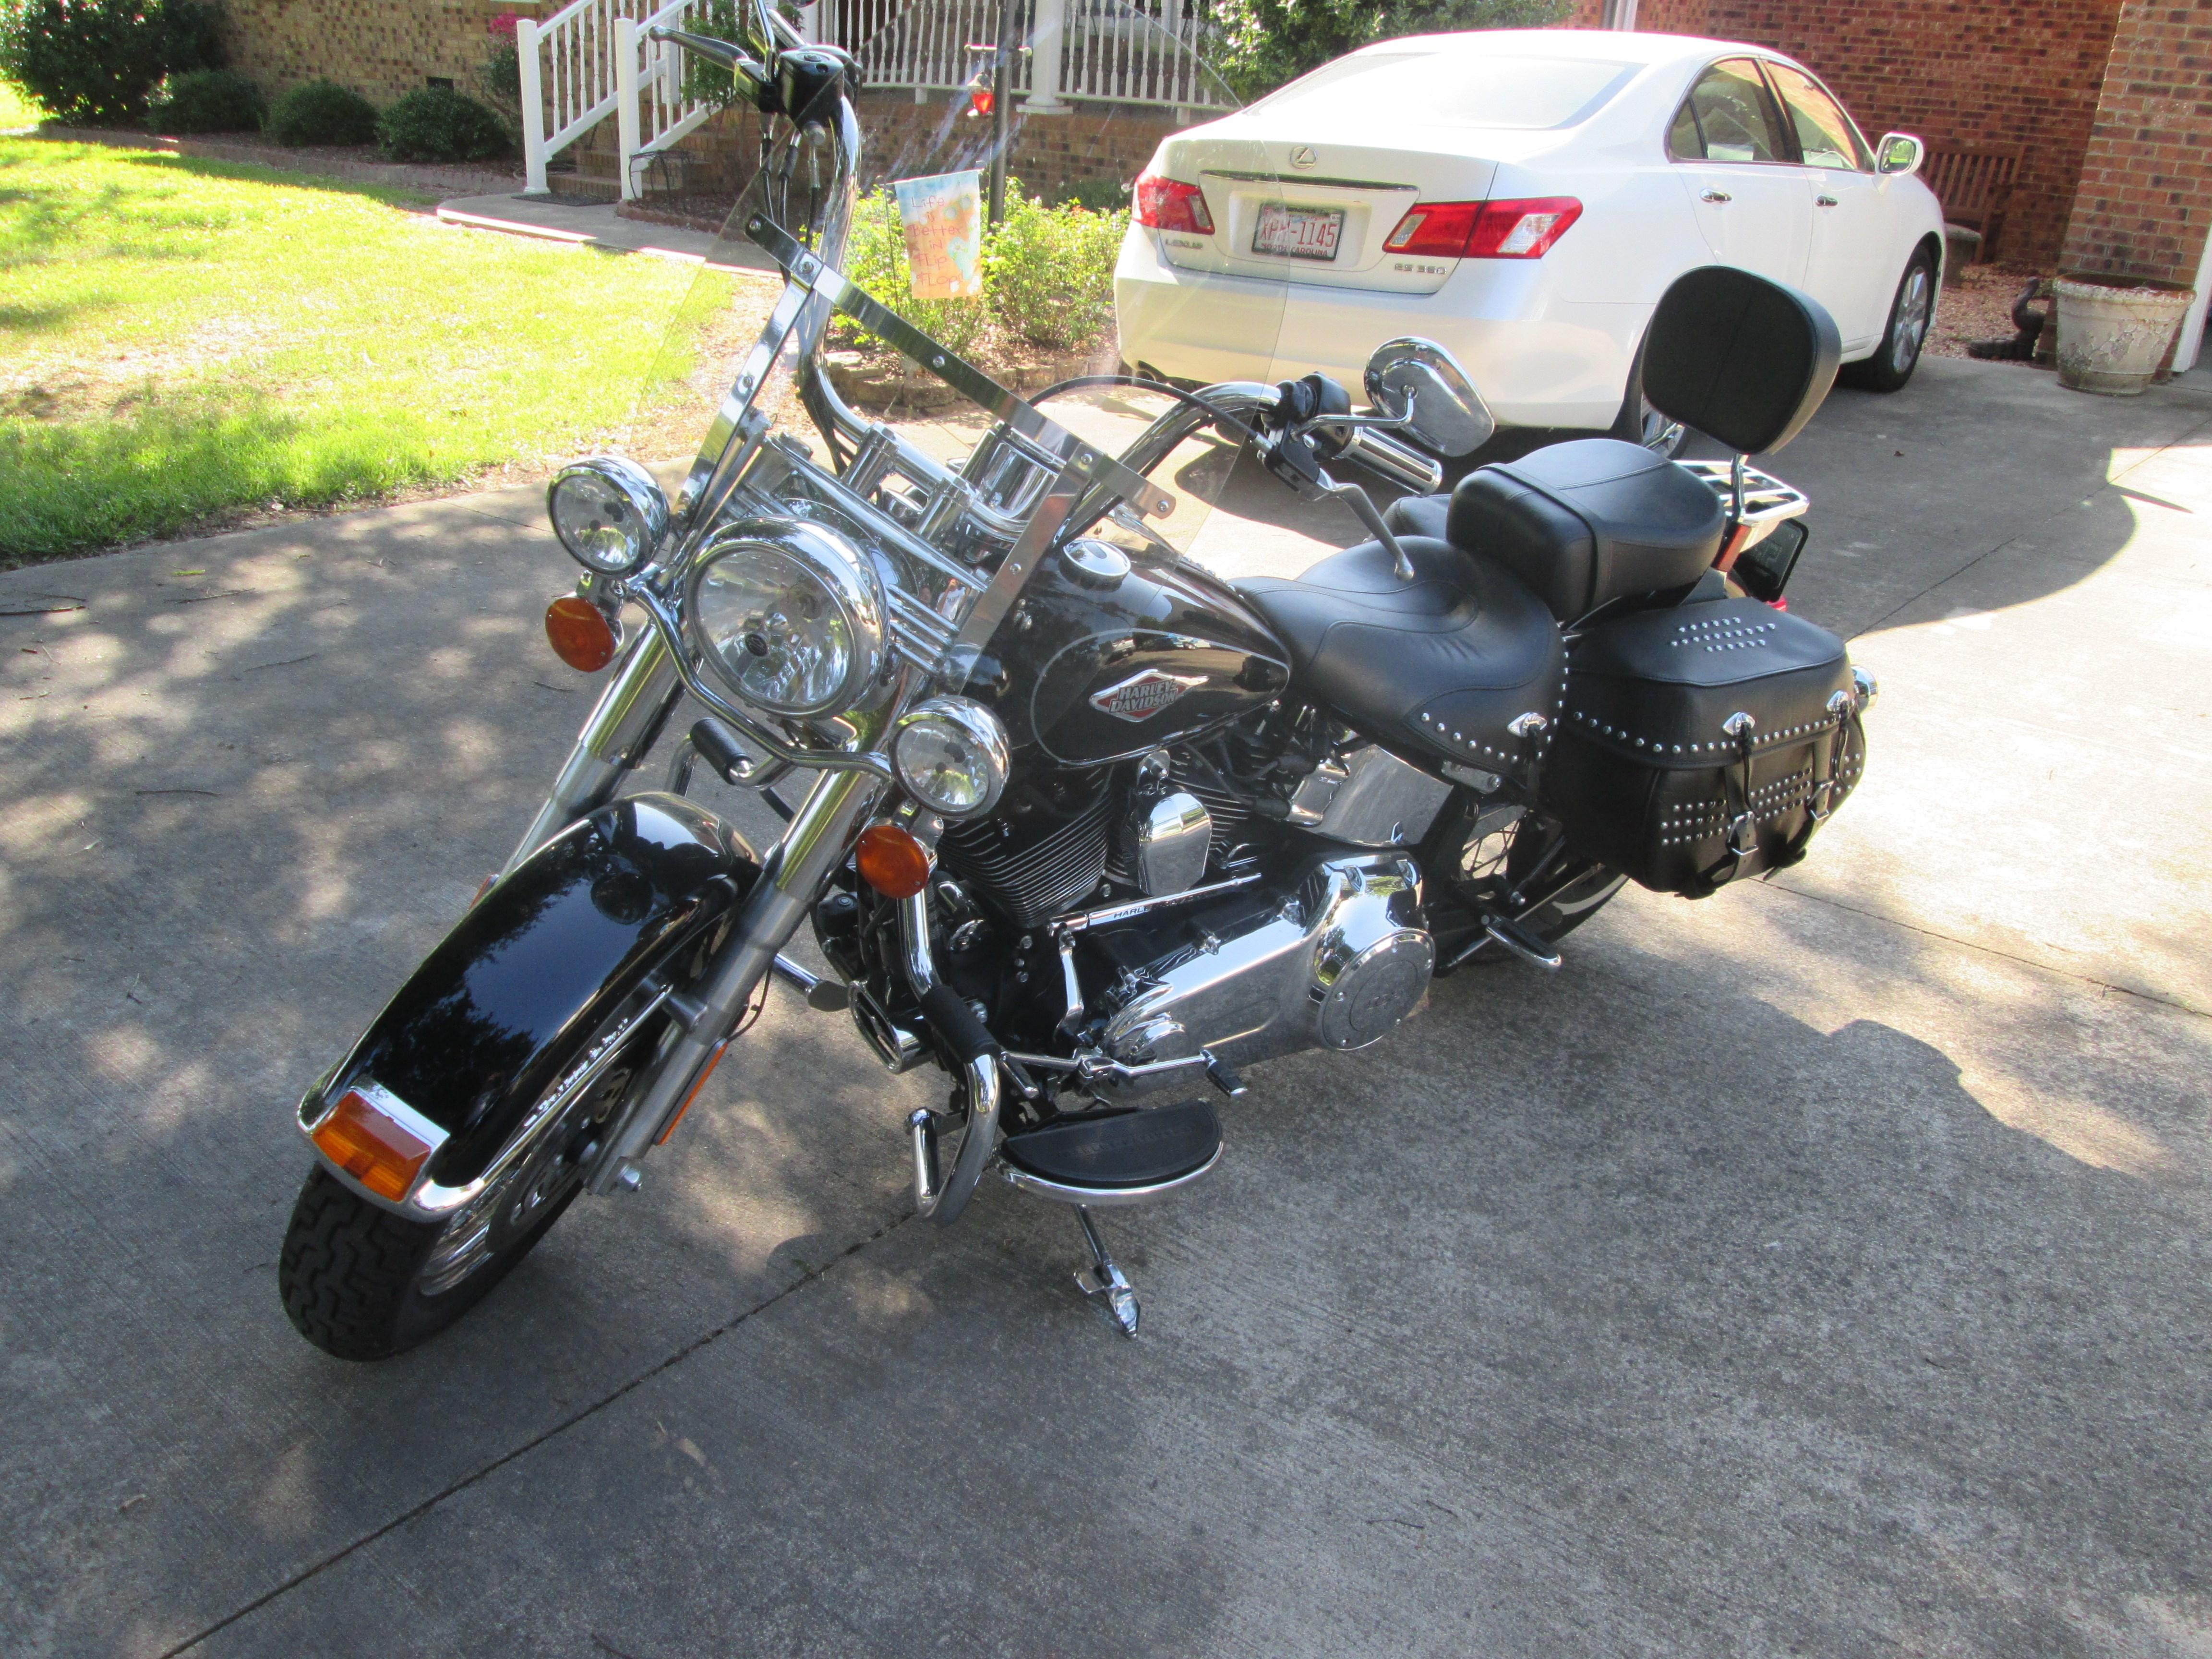 Ford Dealer Evansville Wi >> 2013 Harley-Davidson® FLSTC Heritage Softail® Classic (Black), Monroe, North Carolina (662221 ...